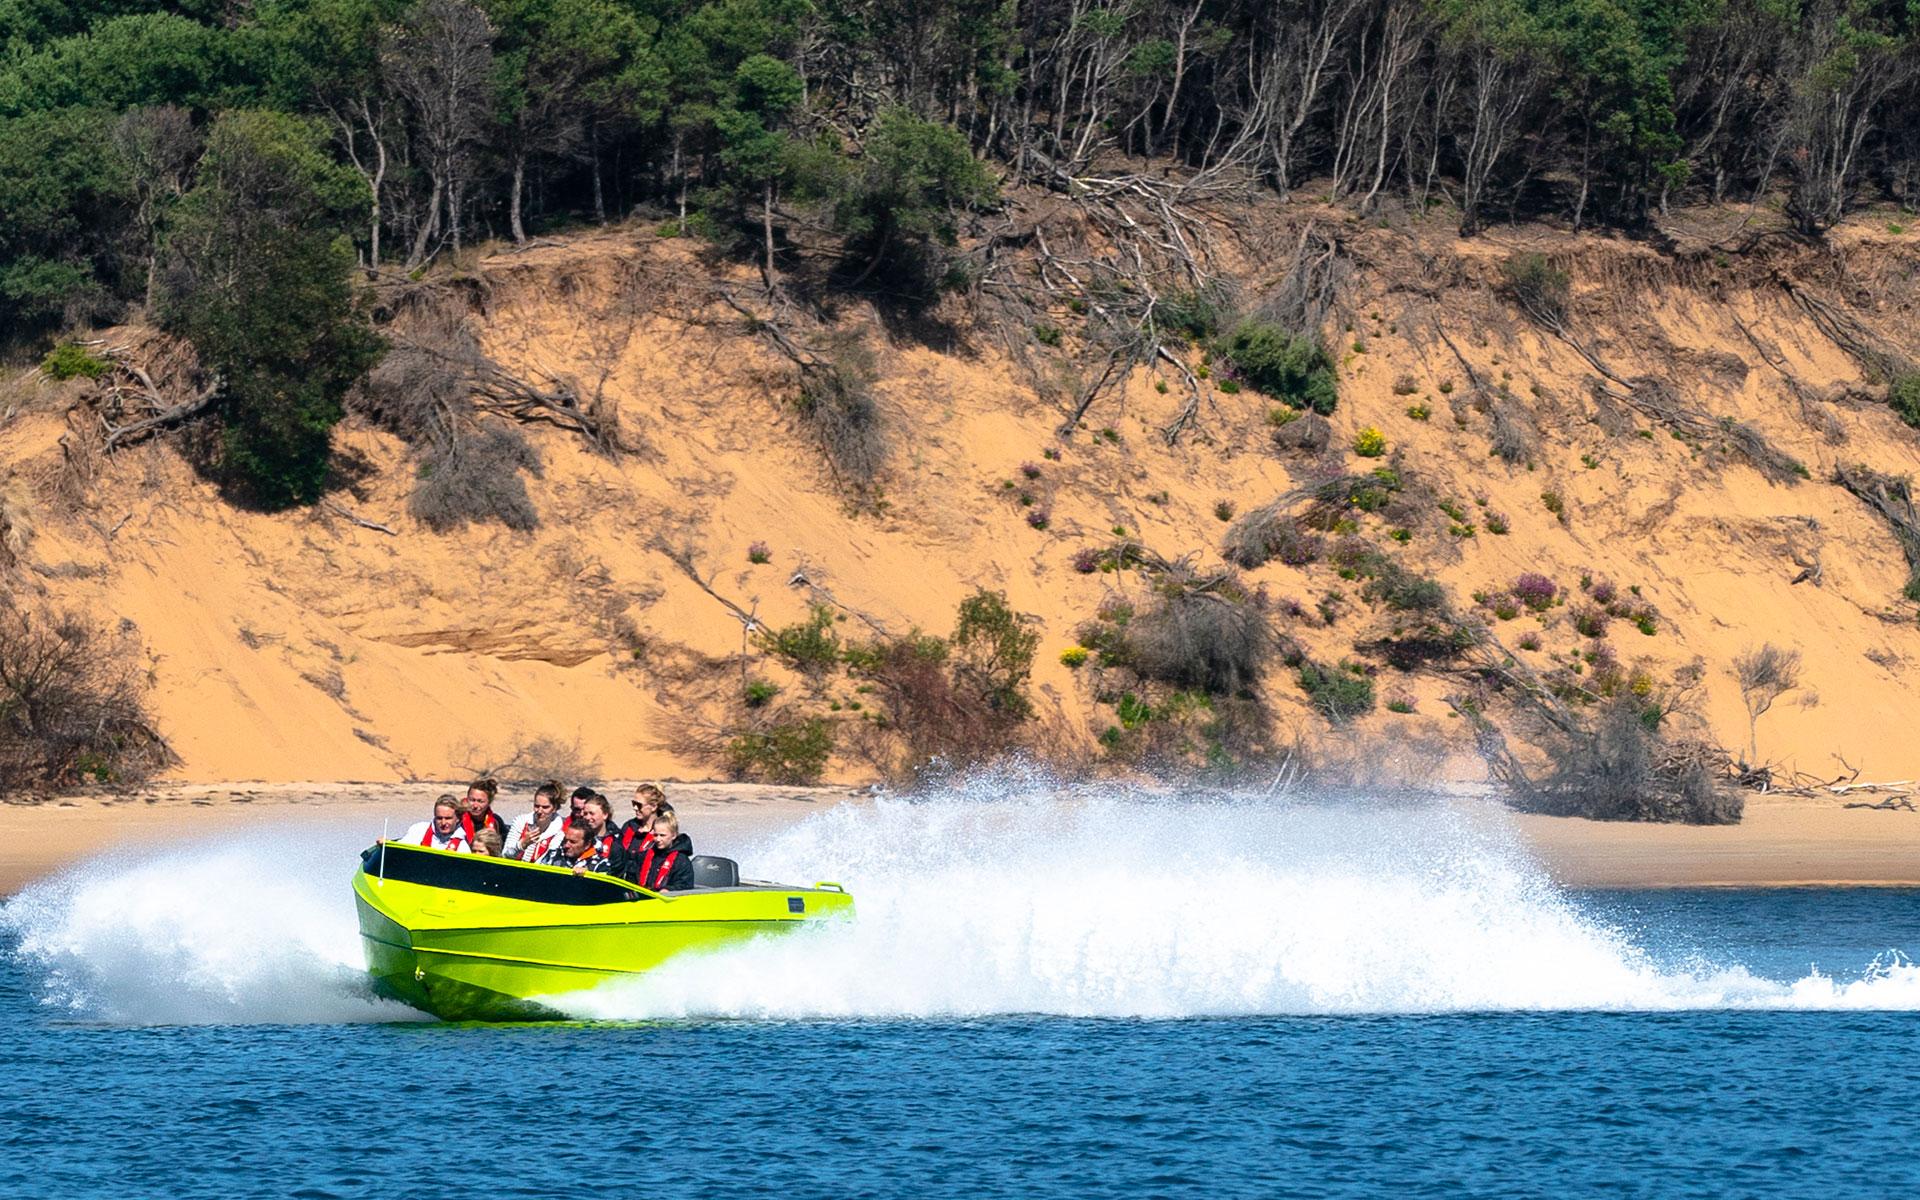 Drift Jet Boat